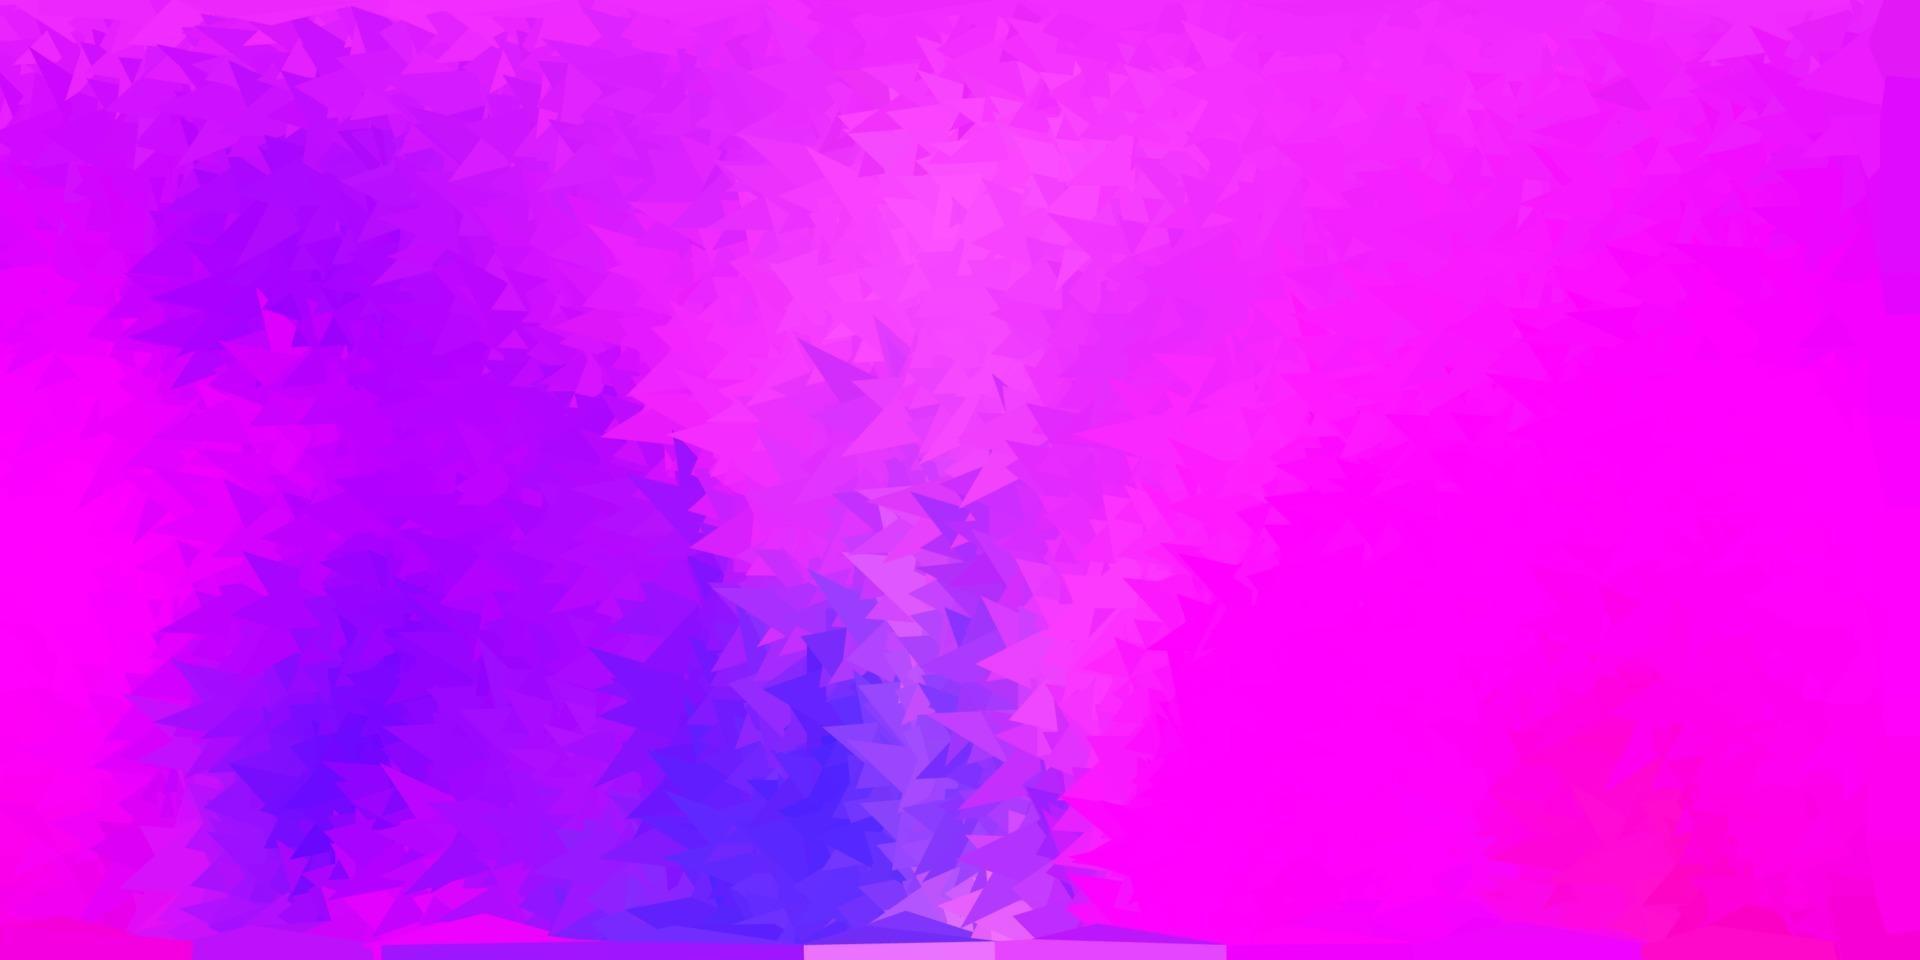 ljusblå, röd vektor gradient polygon layout.